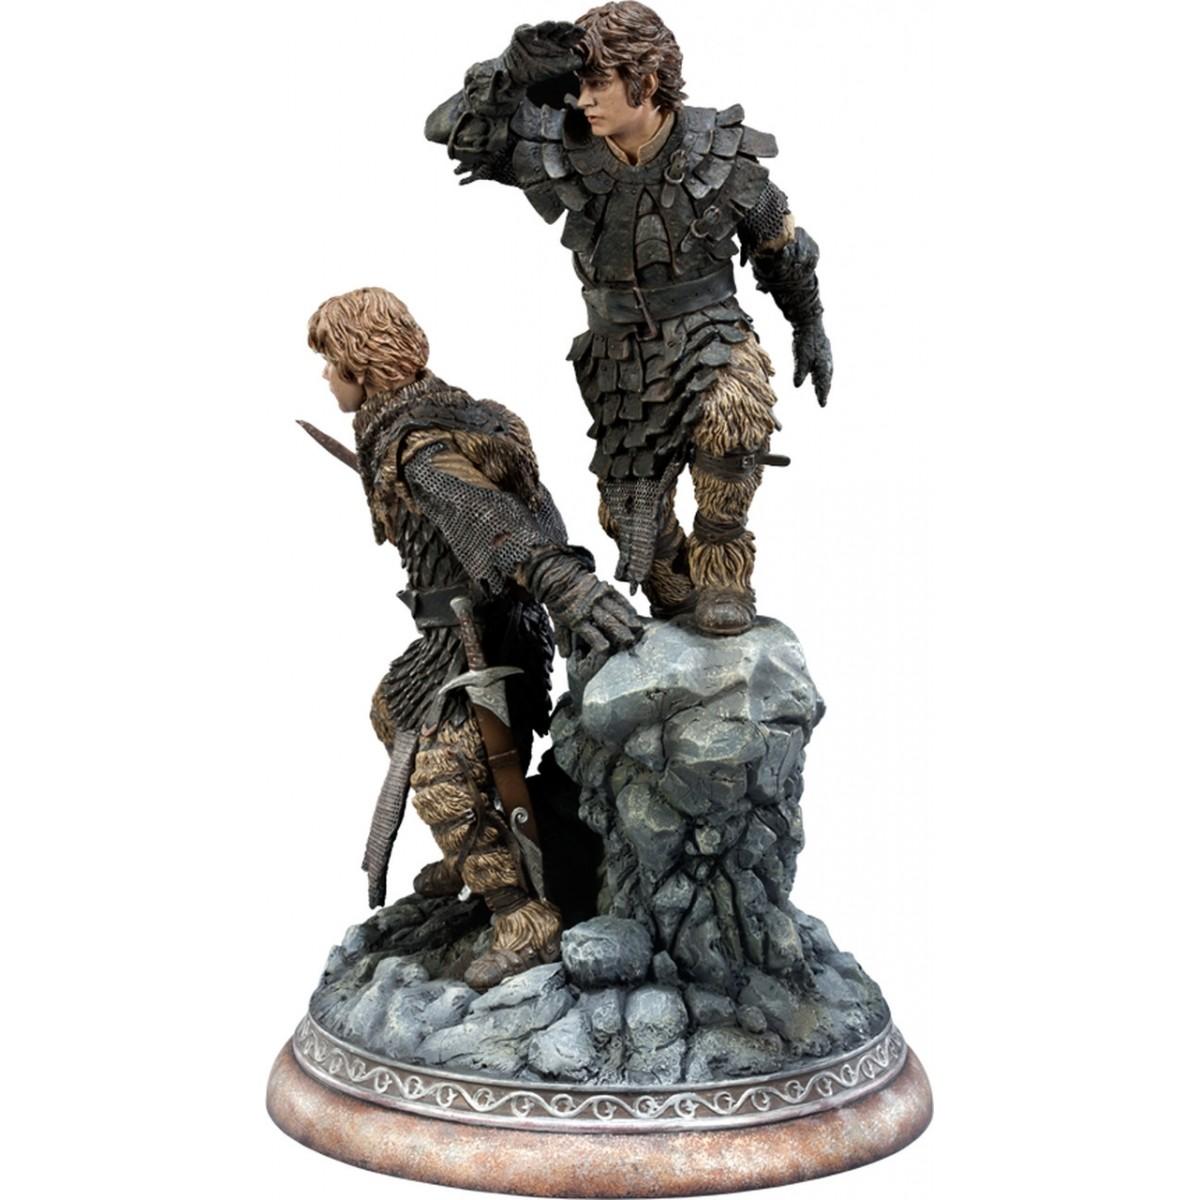 Estátua Frodo e Samwise: O Senhor dos Anéis Diorama - Sideshow - CG